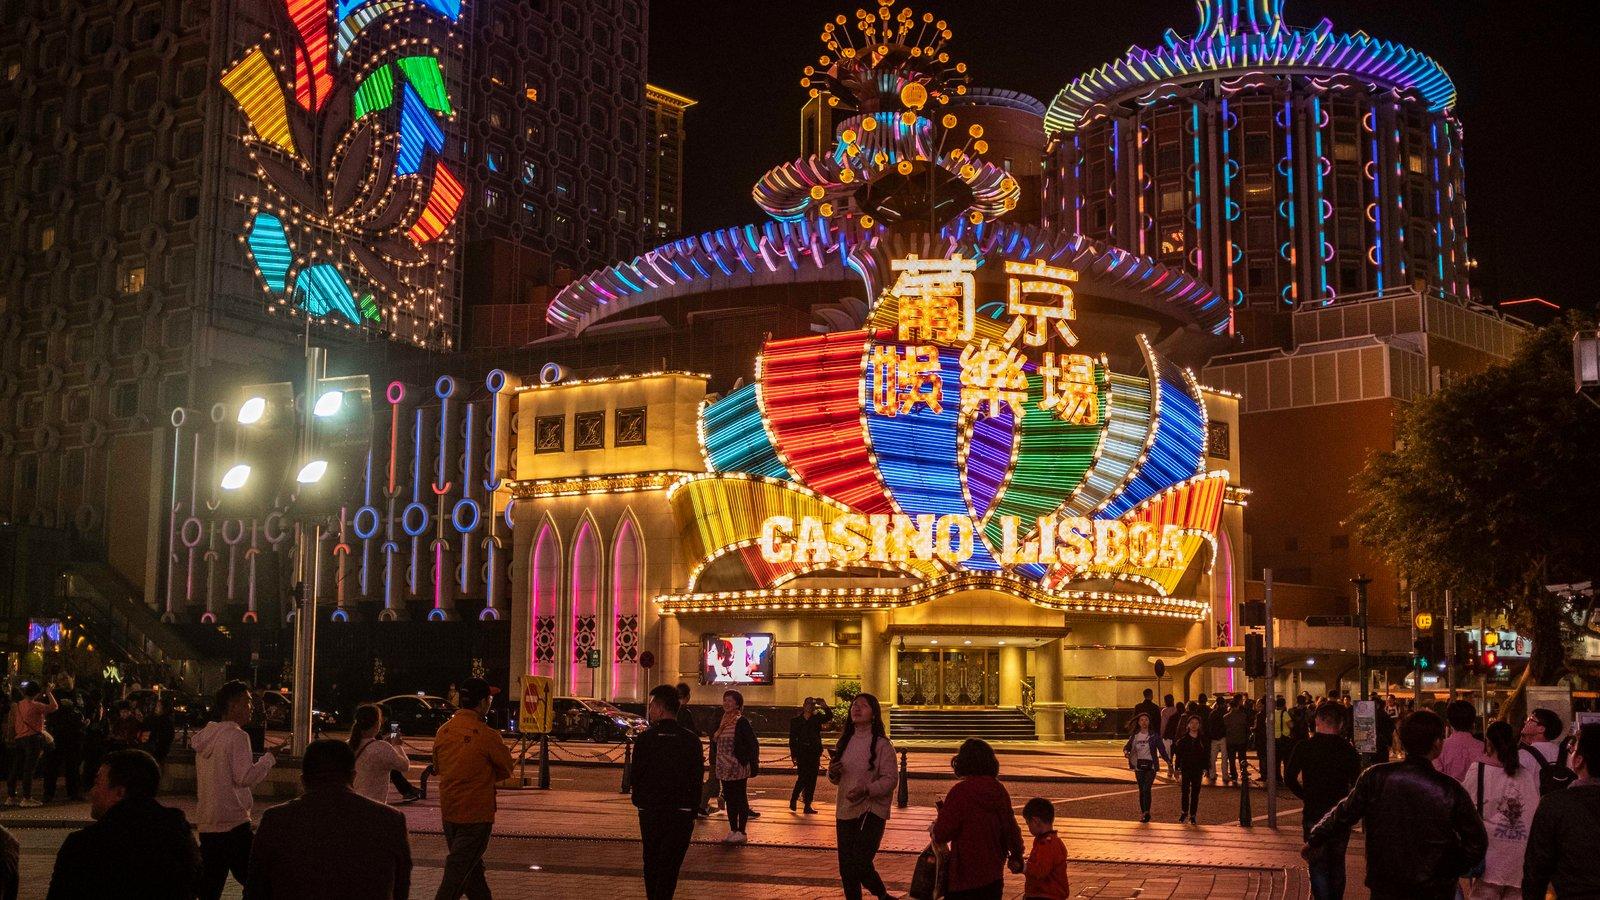 Casinos principal 33162